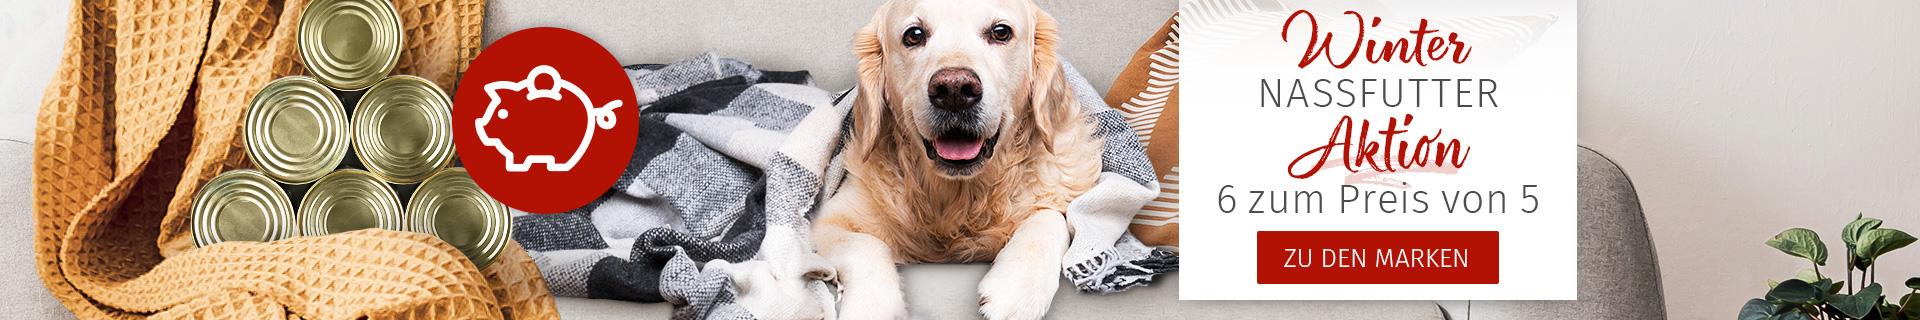 Nassfutter Aktion für Hunde - 6 für 5